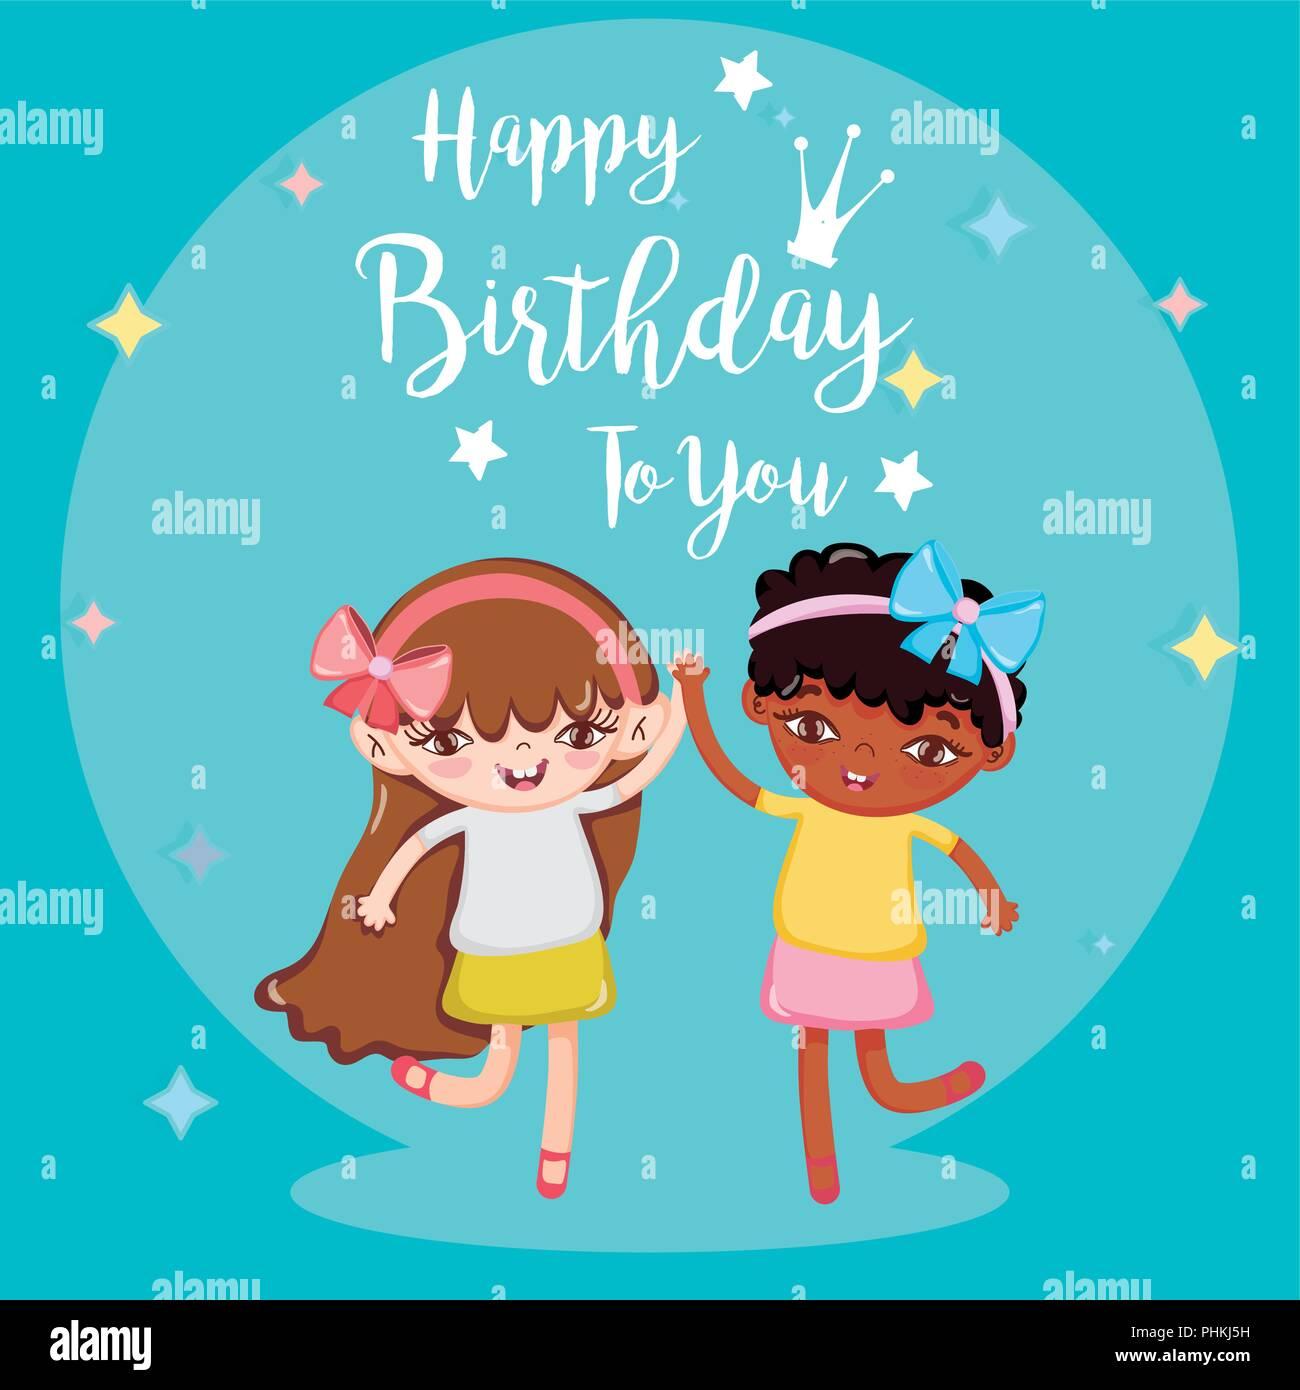 adb430a1d Feliz cumpleaños tarjeta con chicas hermosas caricaturas ilustración  vectorial diseño gráfico